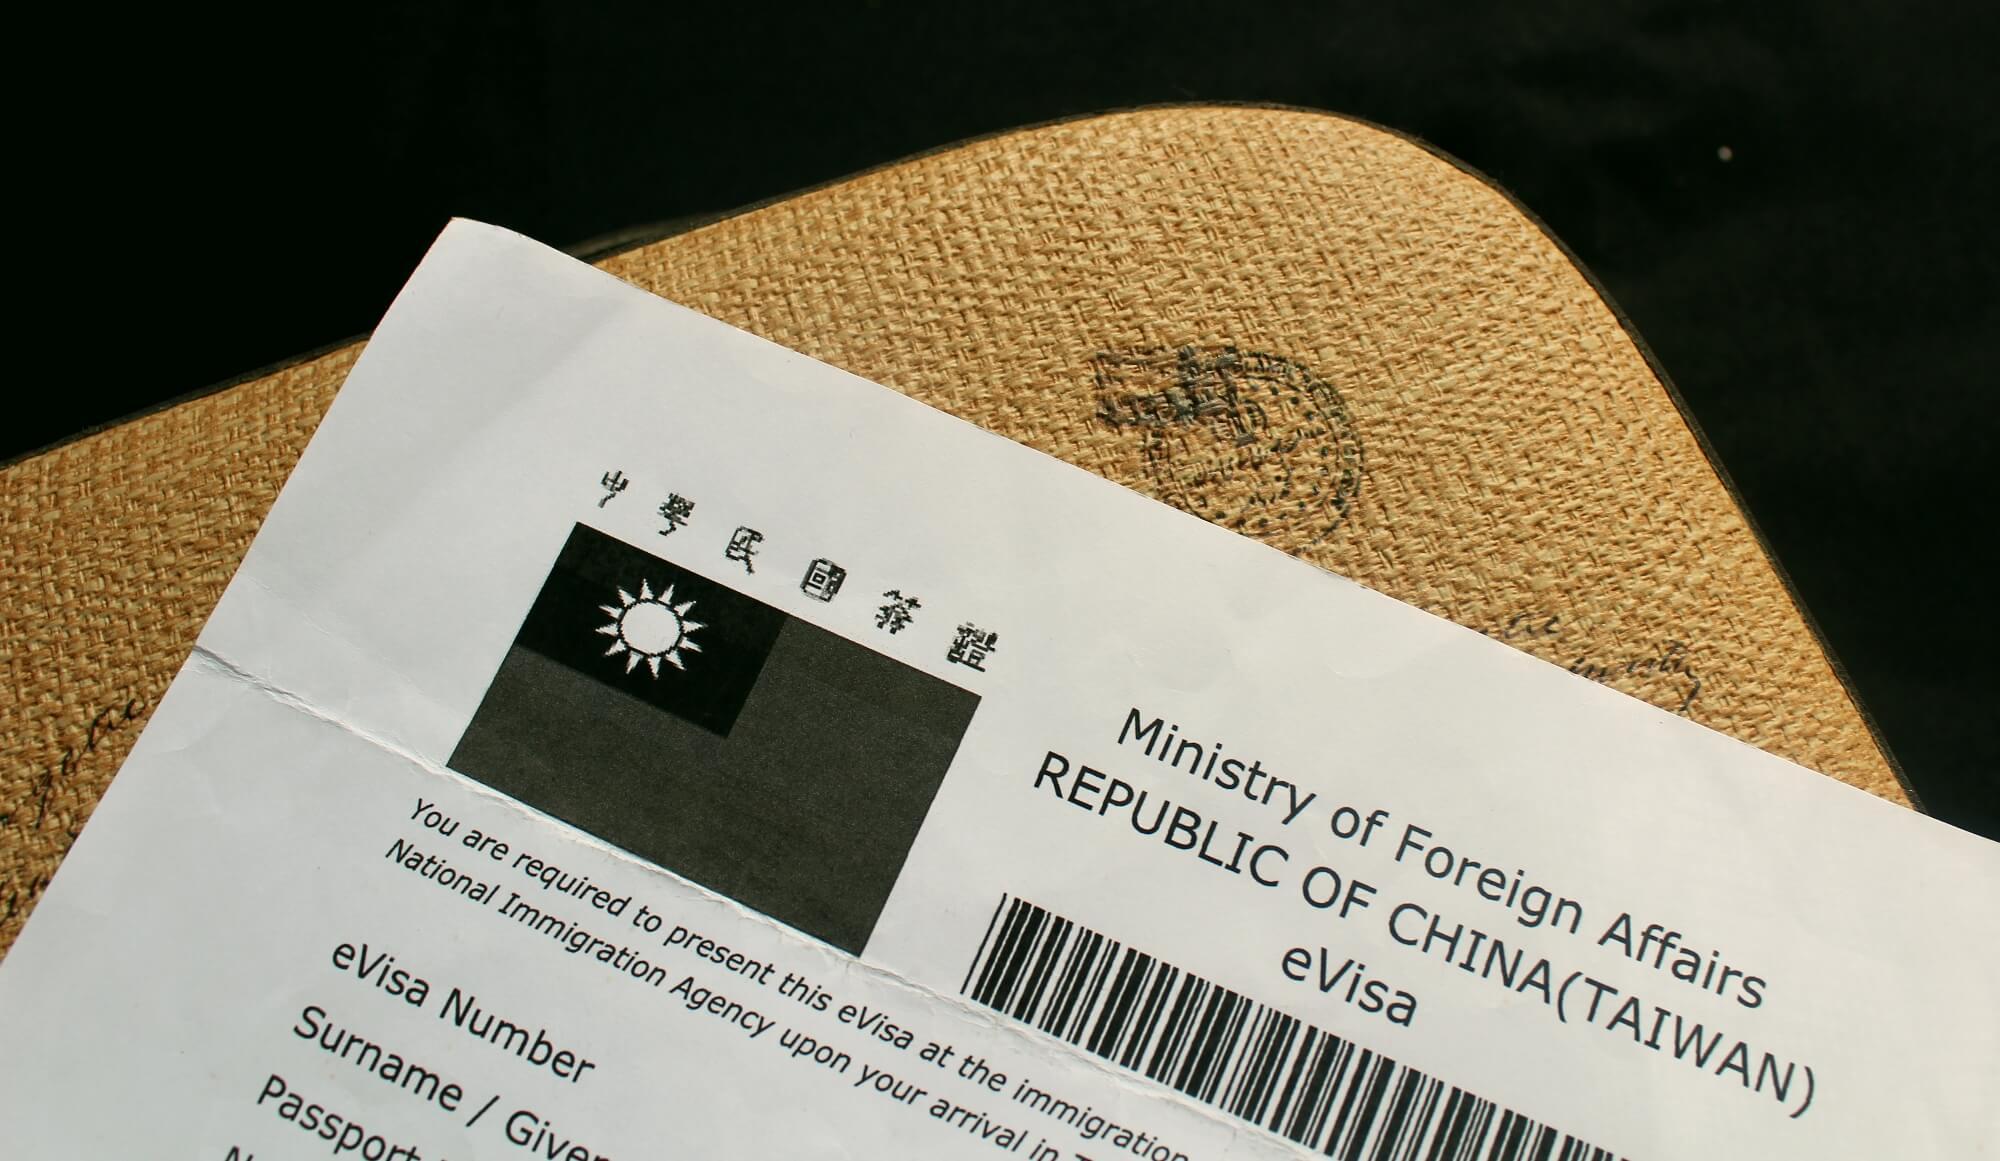 Taiwan-evisa